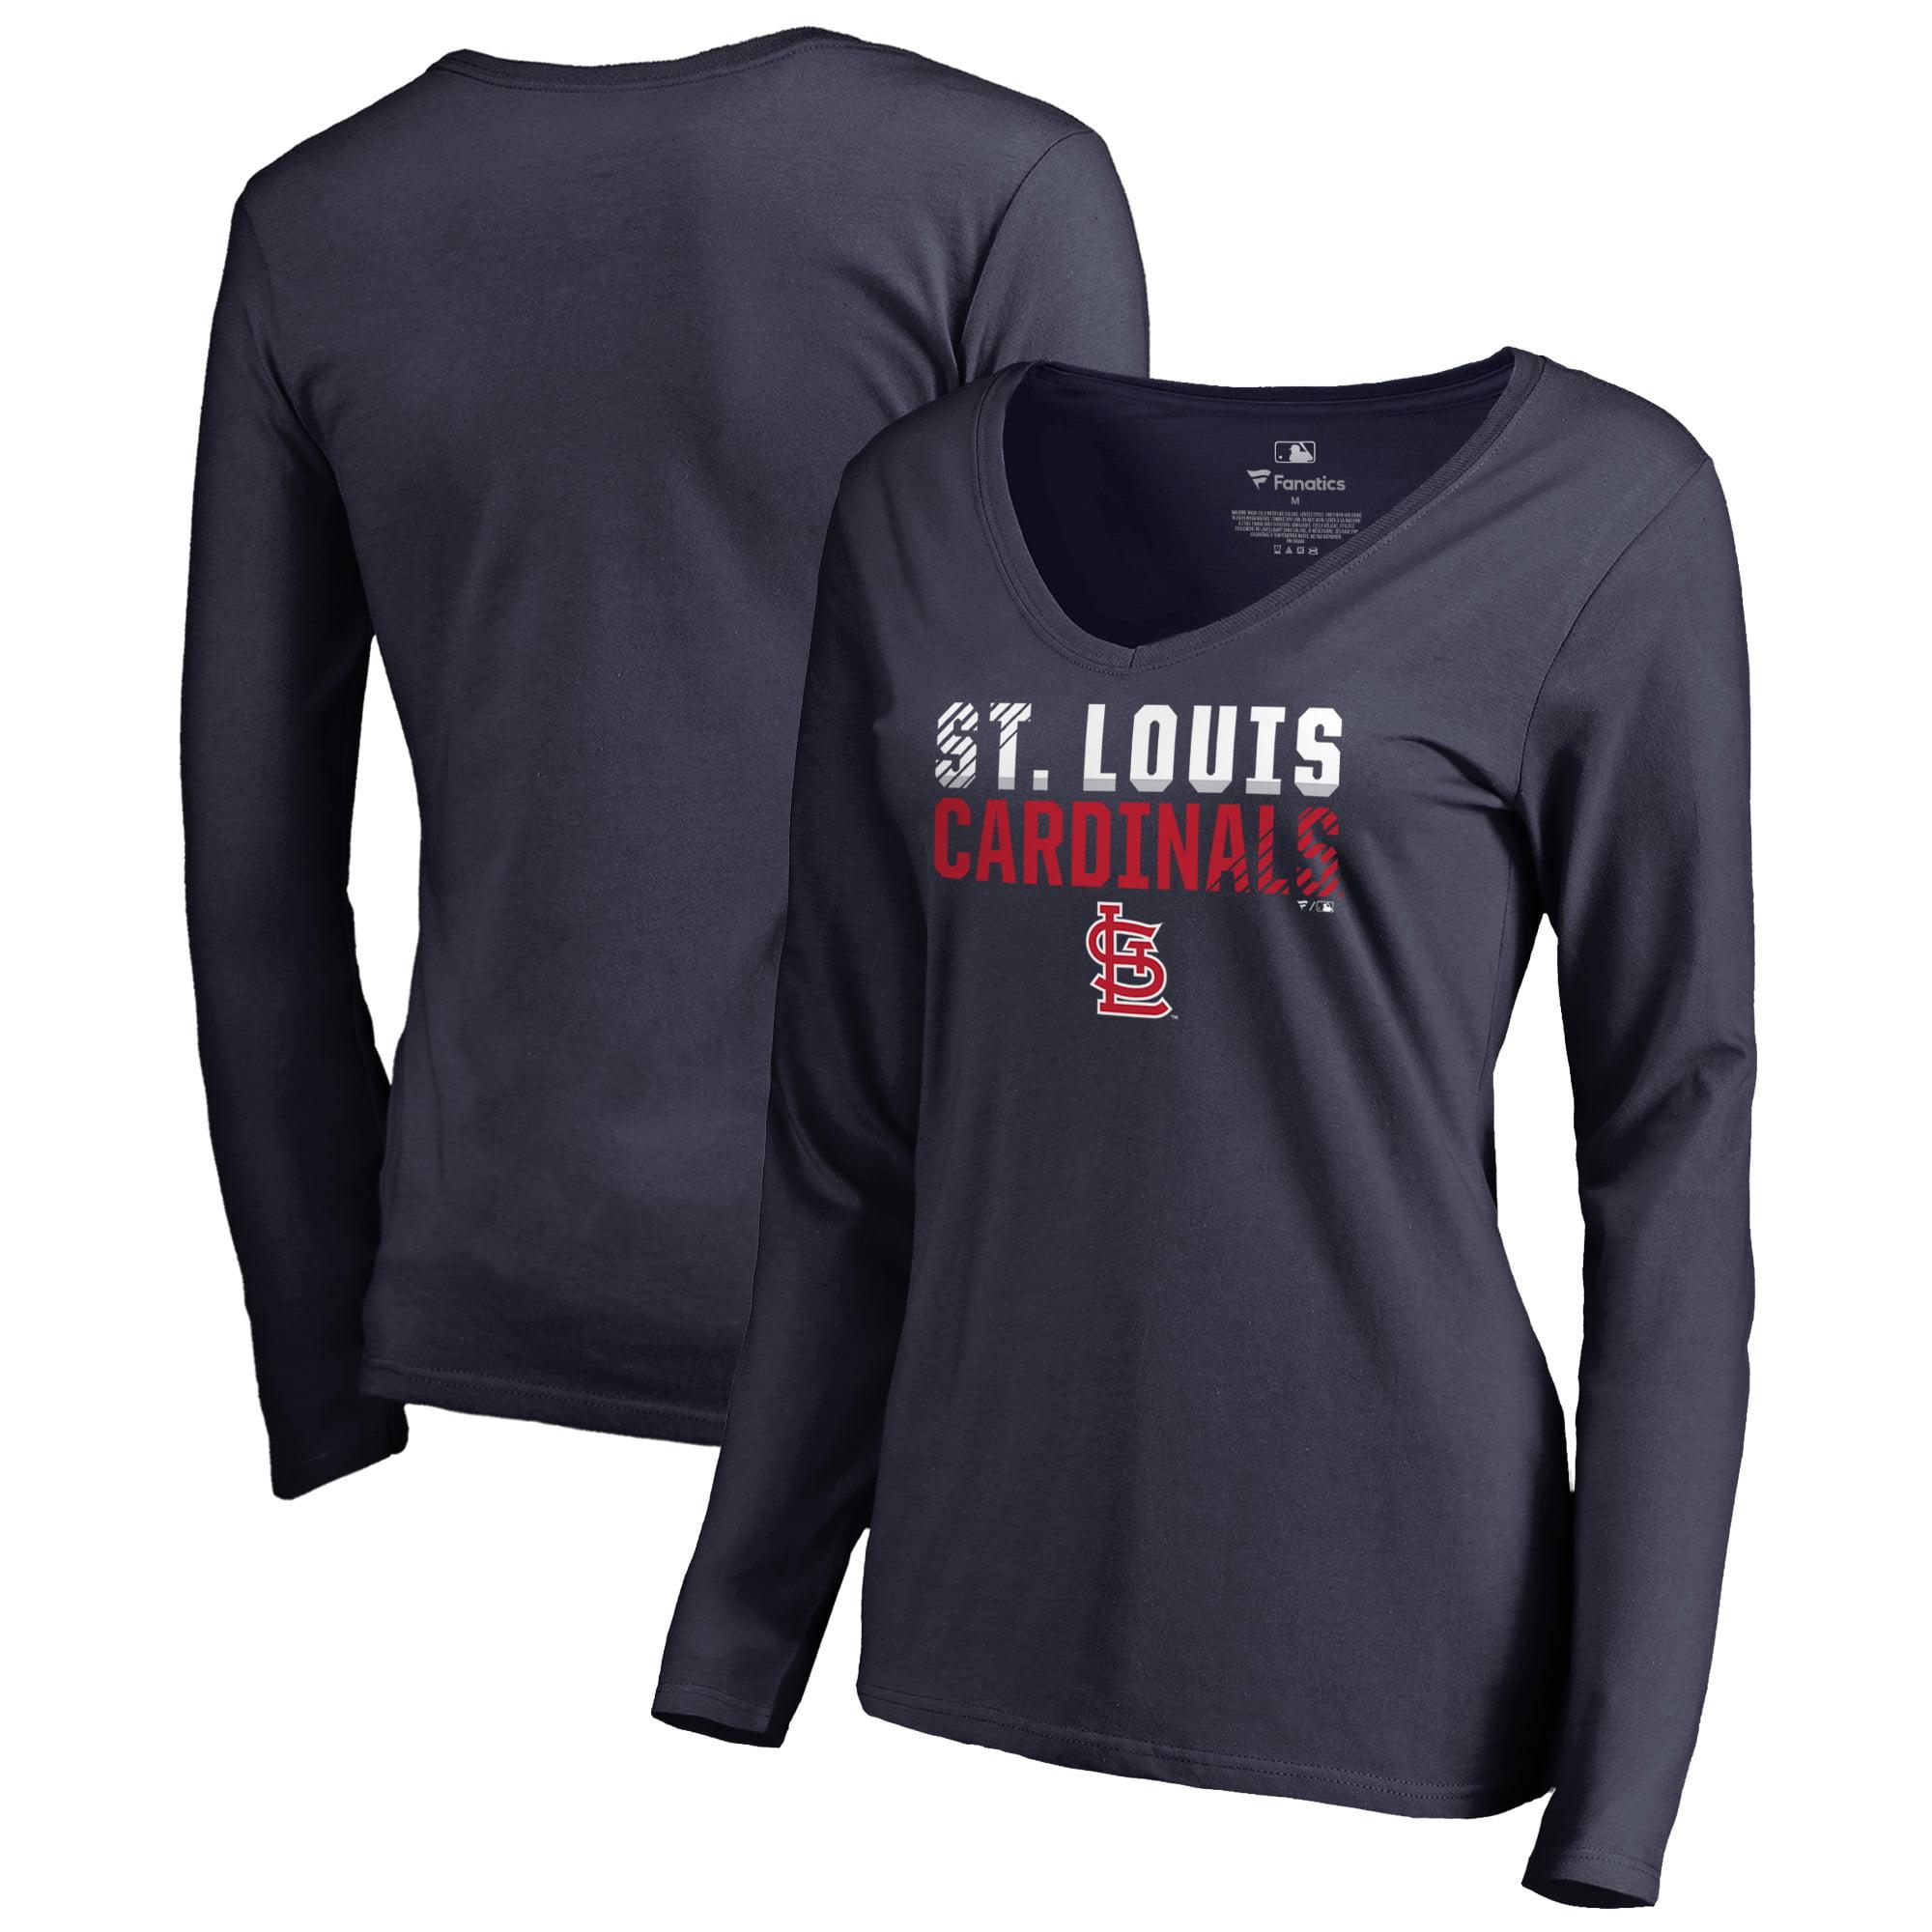 St. Louis Cardinals Fanatics Branded Women's Fade Out Long Sleeve T-Shirt - Navy